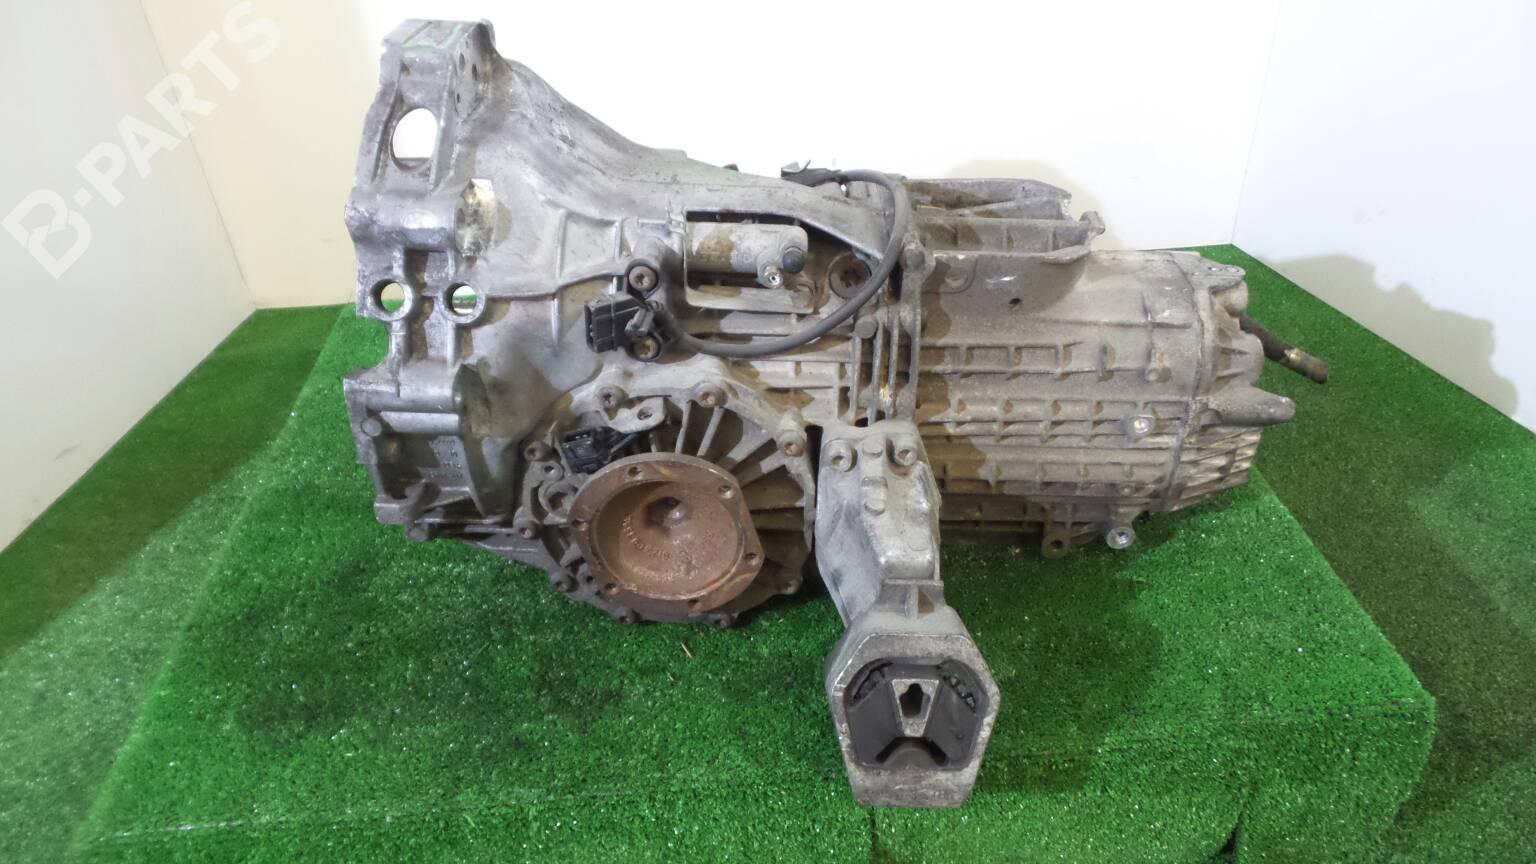 manual gearbox audi 100 avant 4a c4 2 4 d 89531 rh b parts com 1990 Audi 100 Brochures 1990 Audi 100 Parts